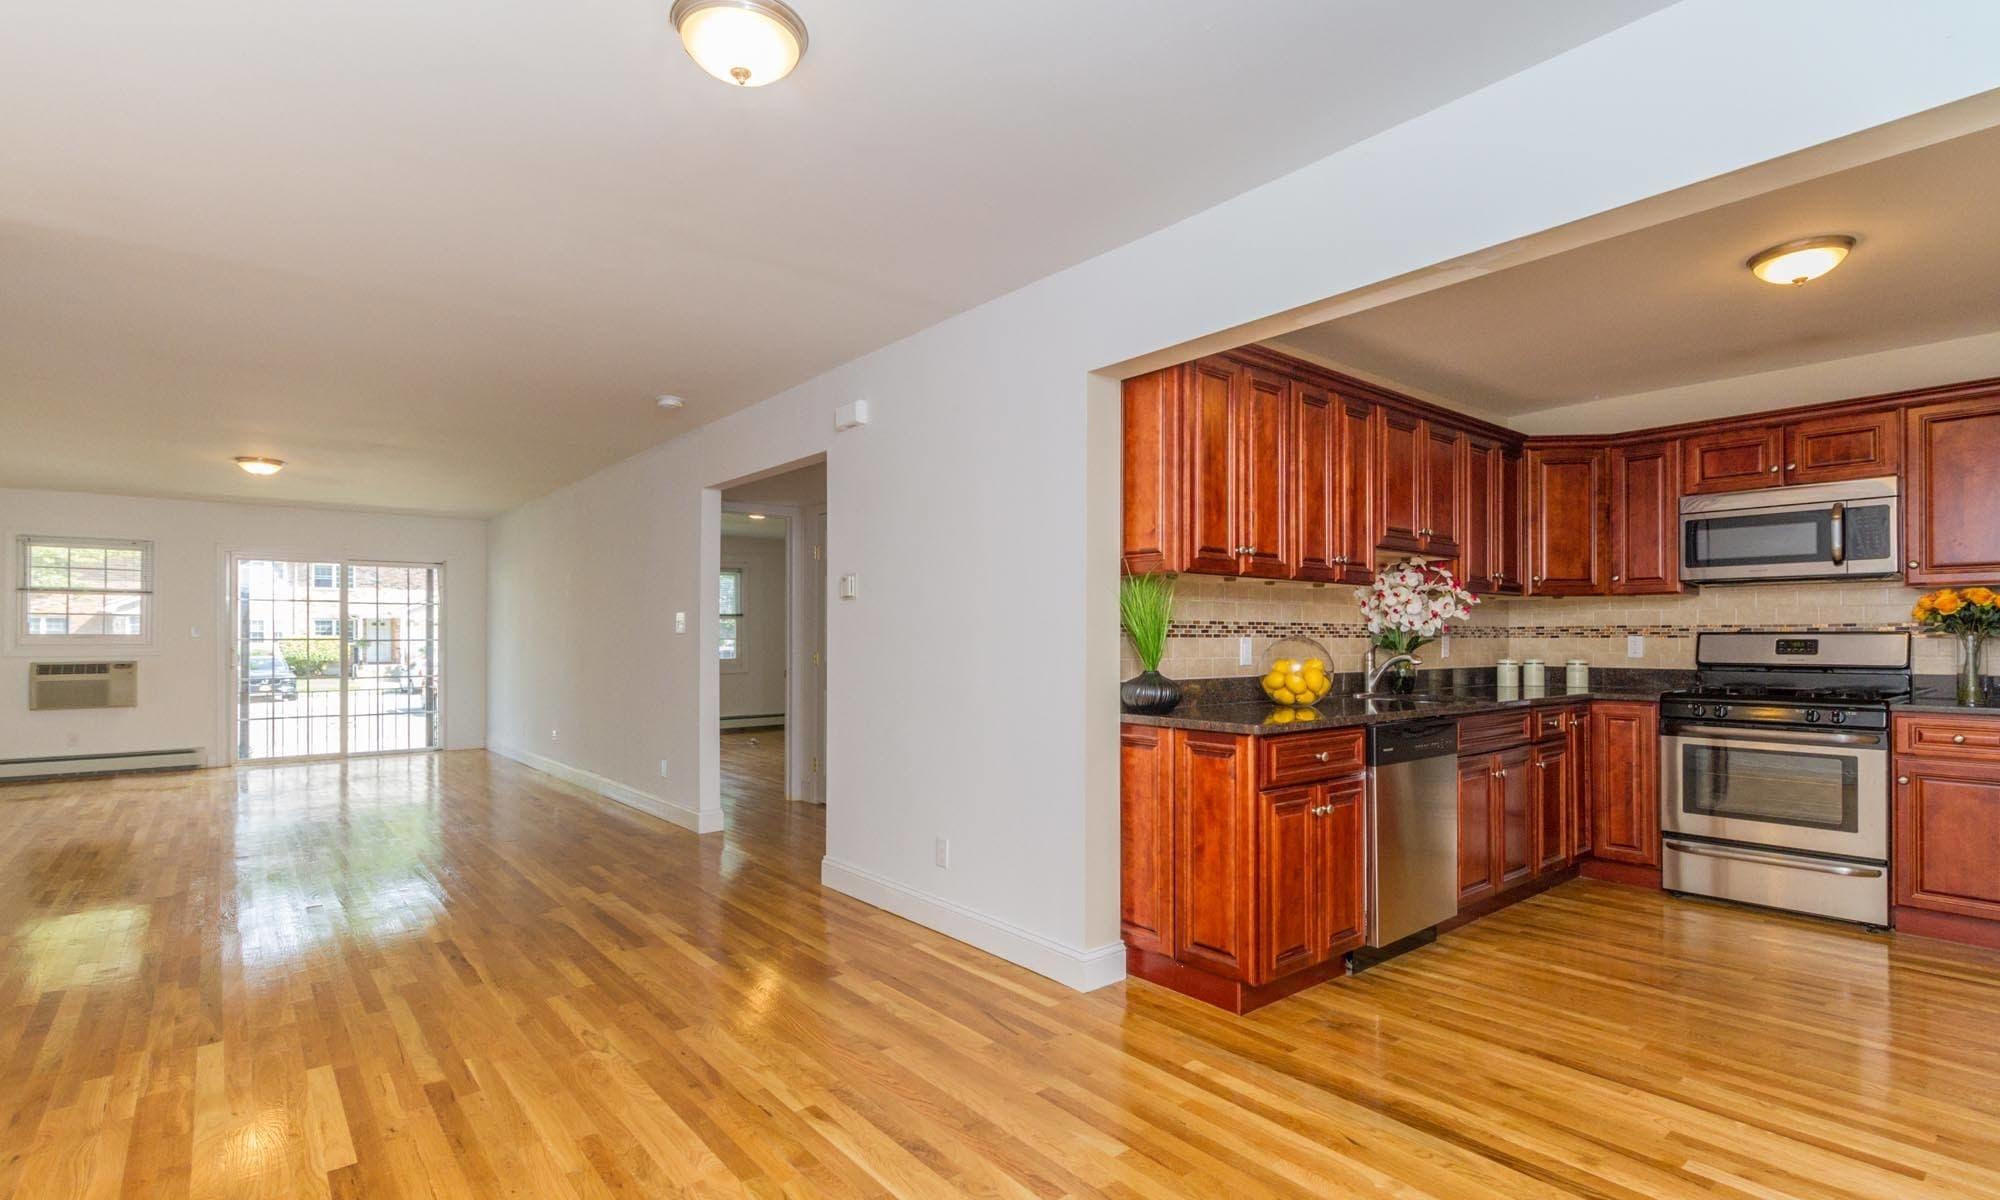 Apartments in Woodbury, NY